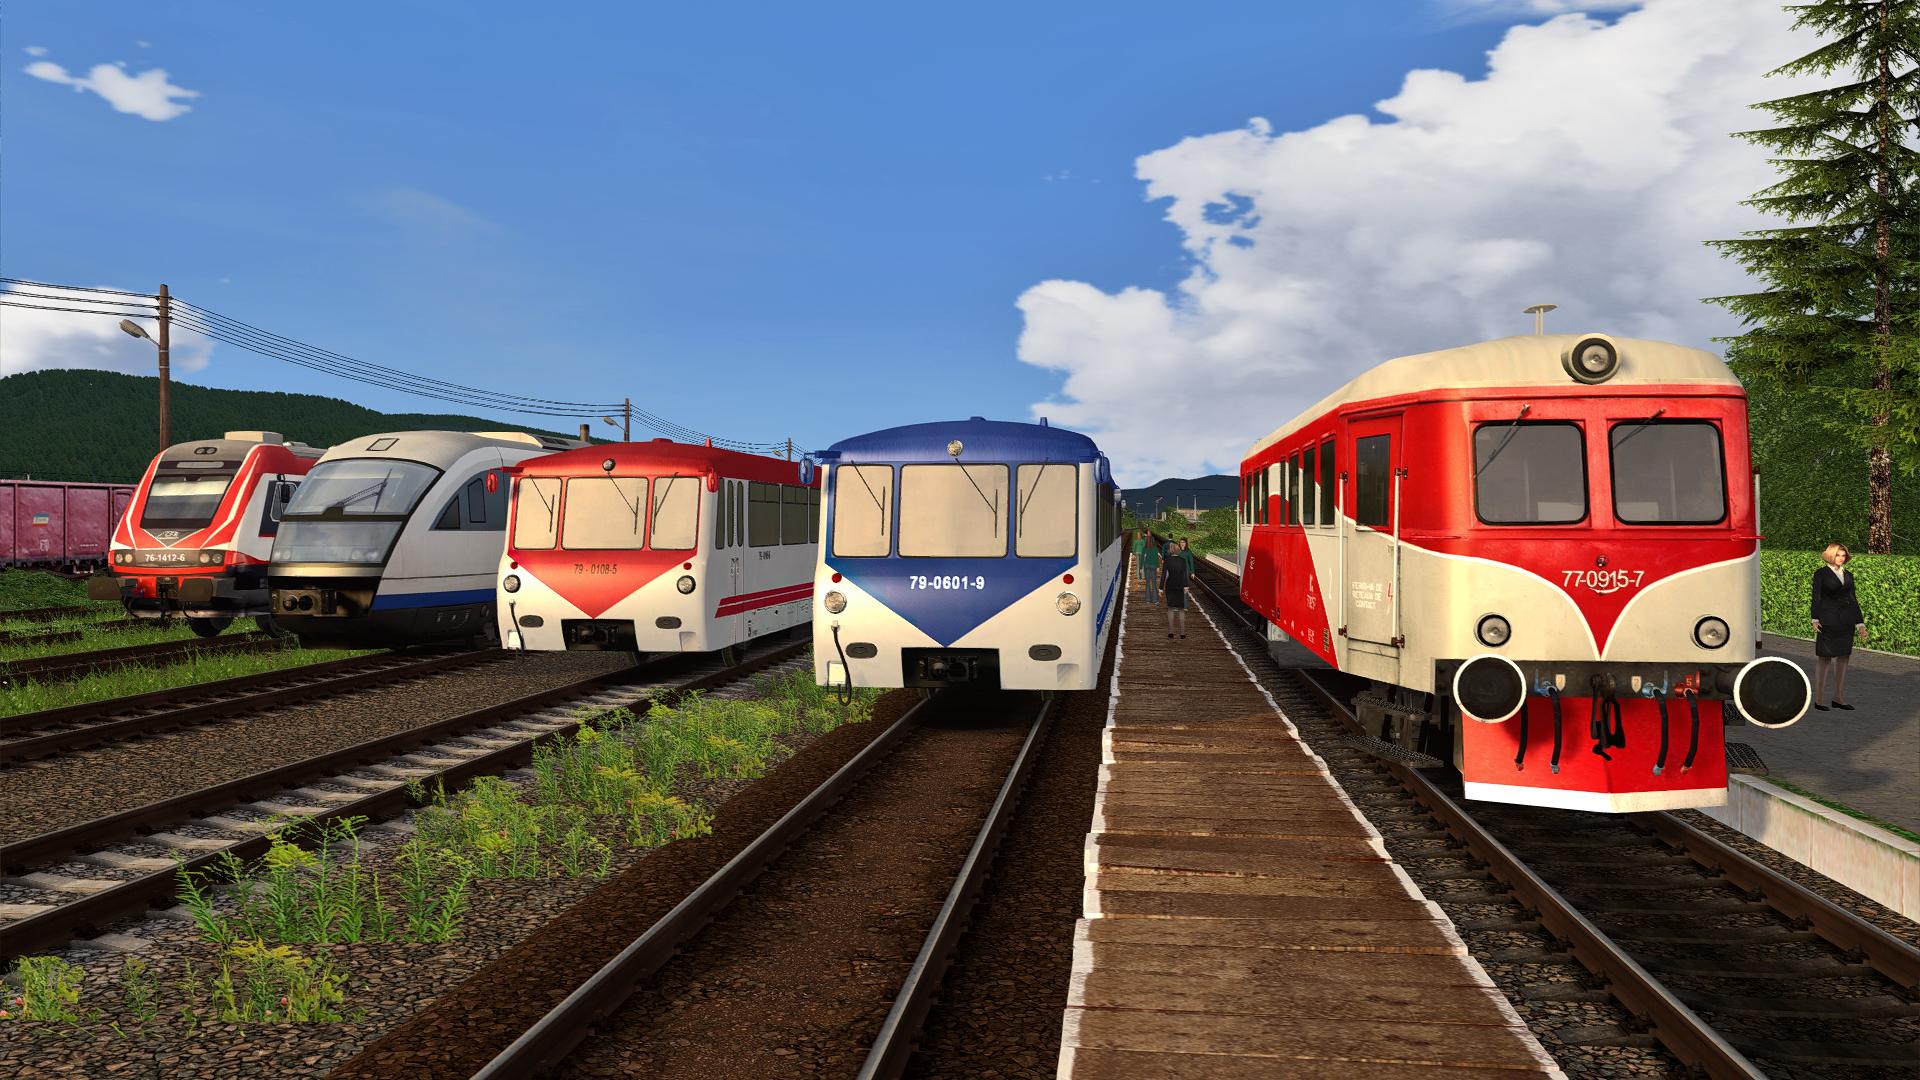 RailWorks64 2021-04-27 19-46-38